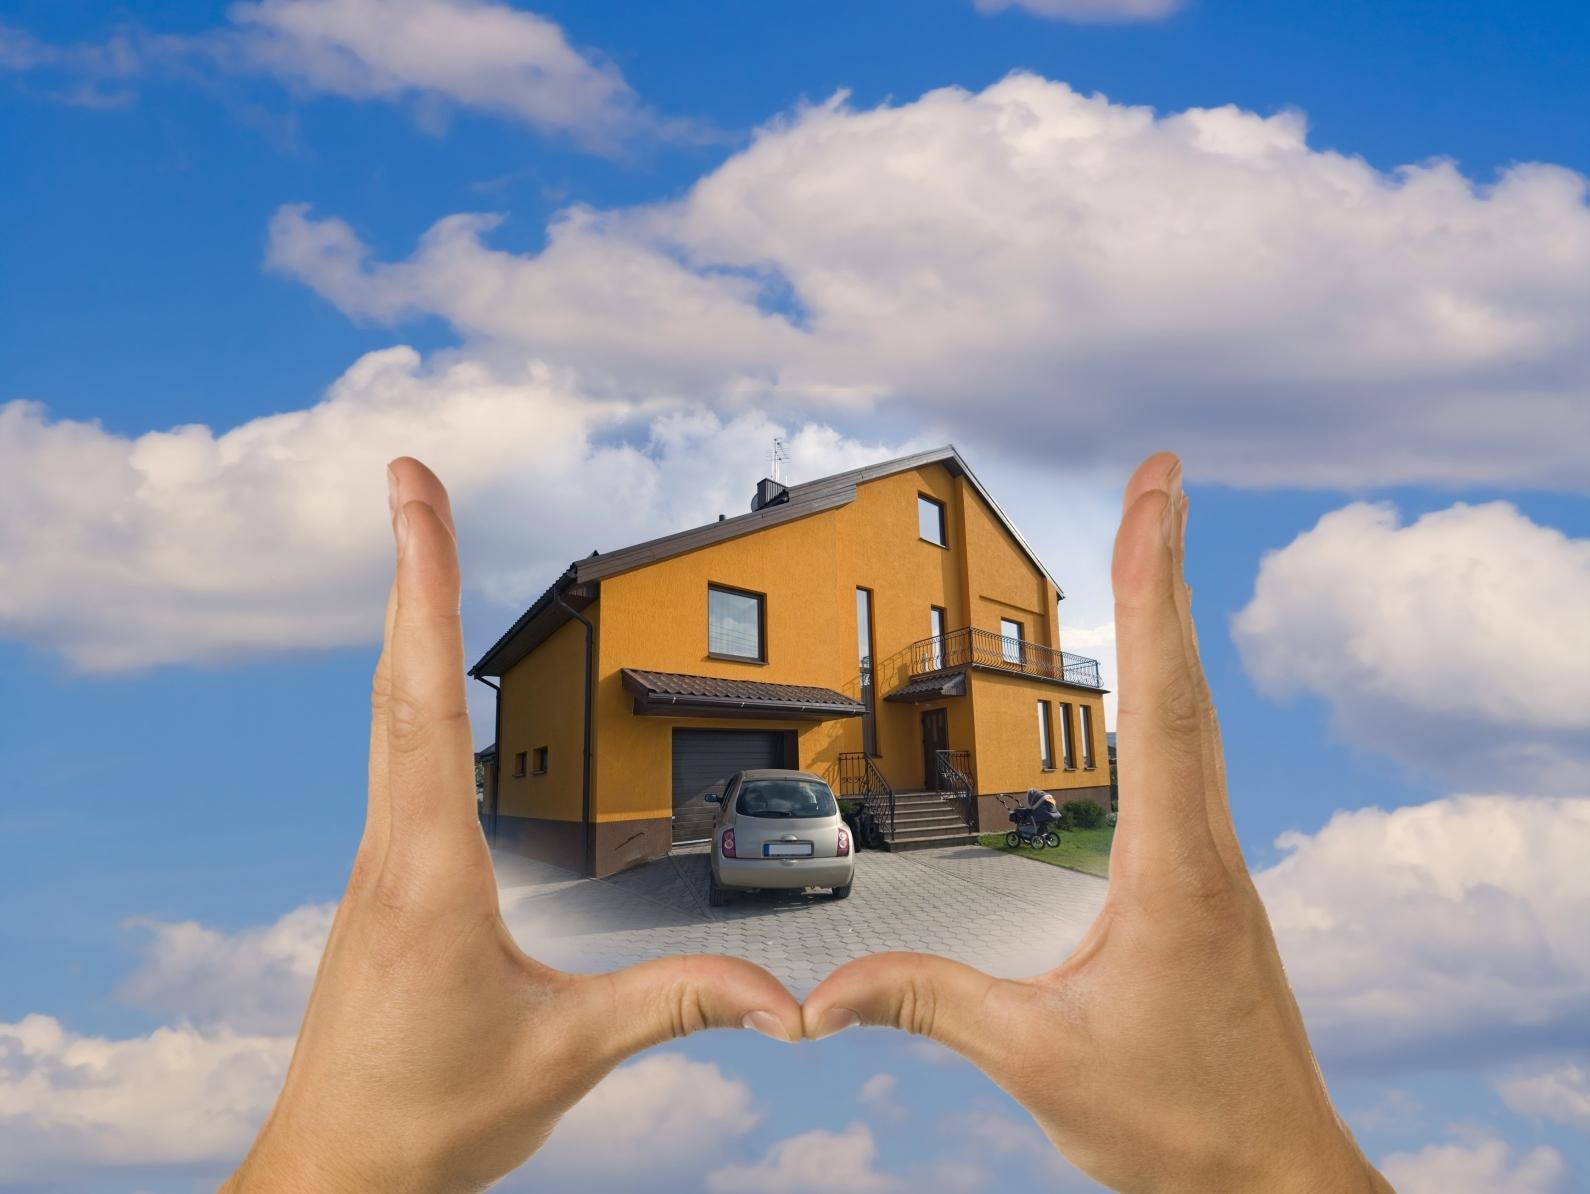 la responsabilit d cennale couvre constructeur de ma maison en cas de fissure sur les murs. Black Bedroom Furniture Sets. Home Design Ideas